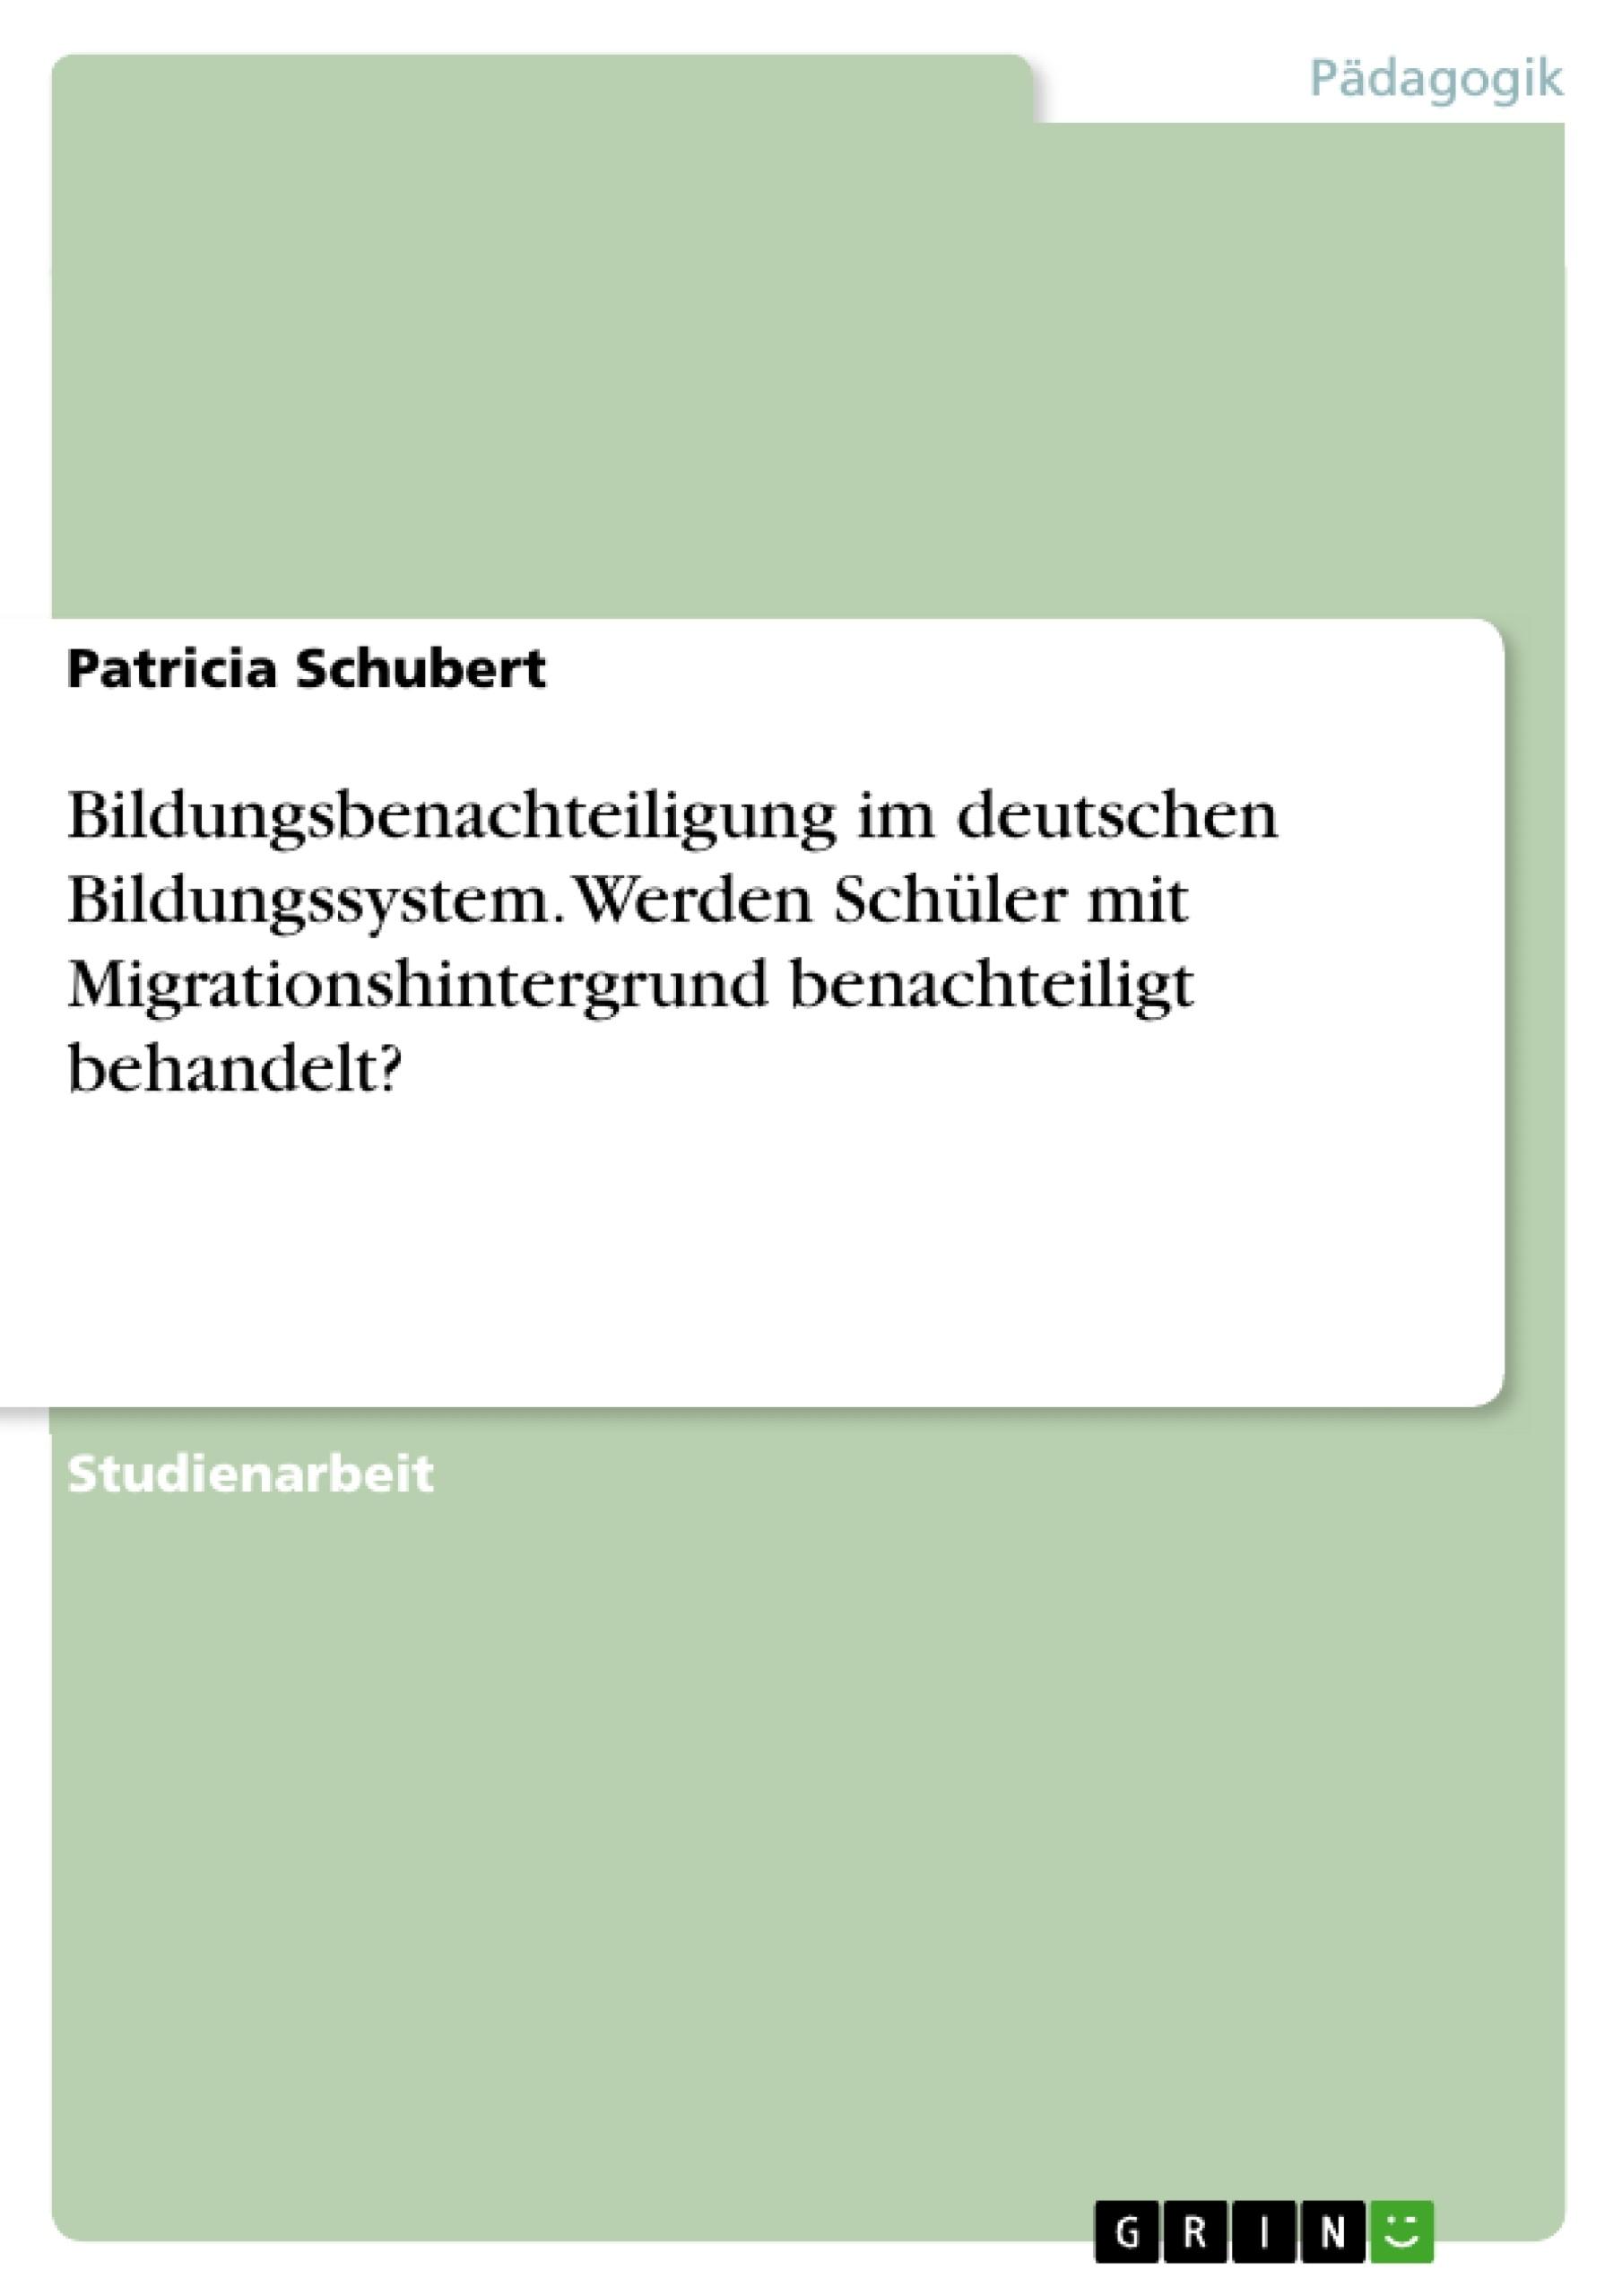 Titel: Bildungsbenachteiligung im deutschen Bildungssystem. Werden Schüler mit Migrationshintergrund benachteiligt behandelt?